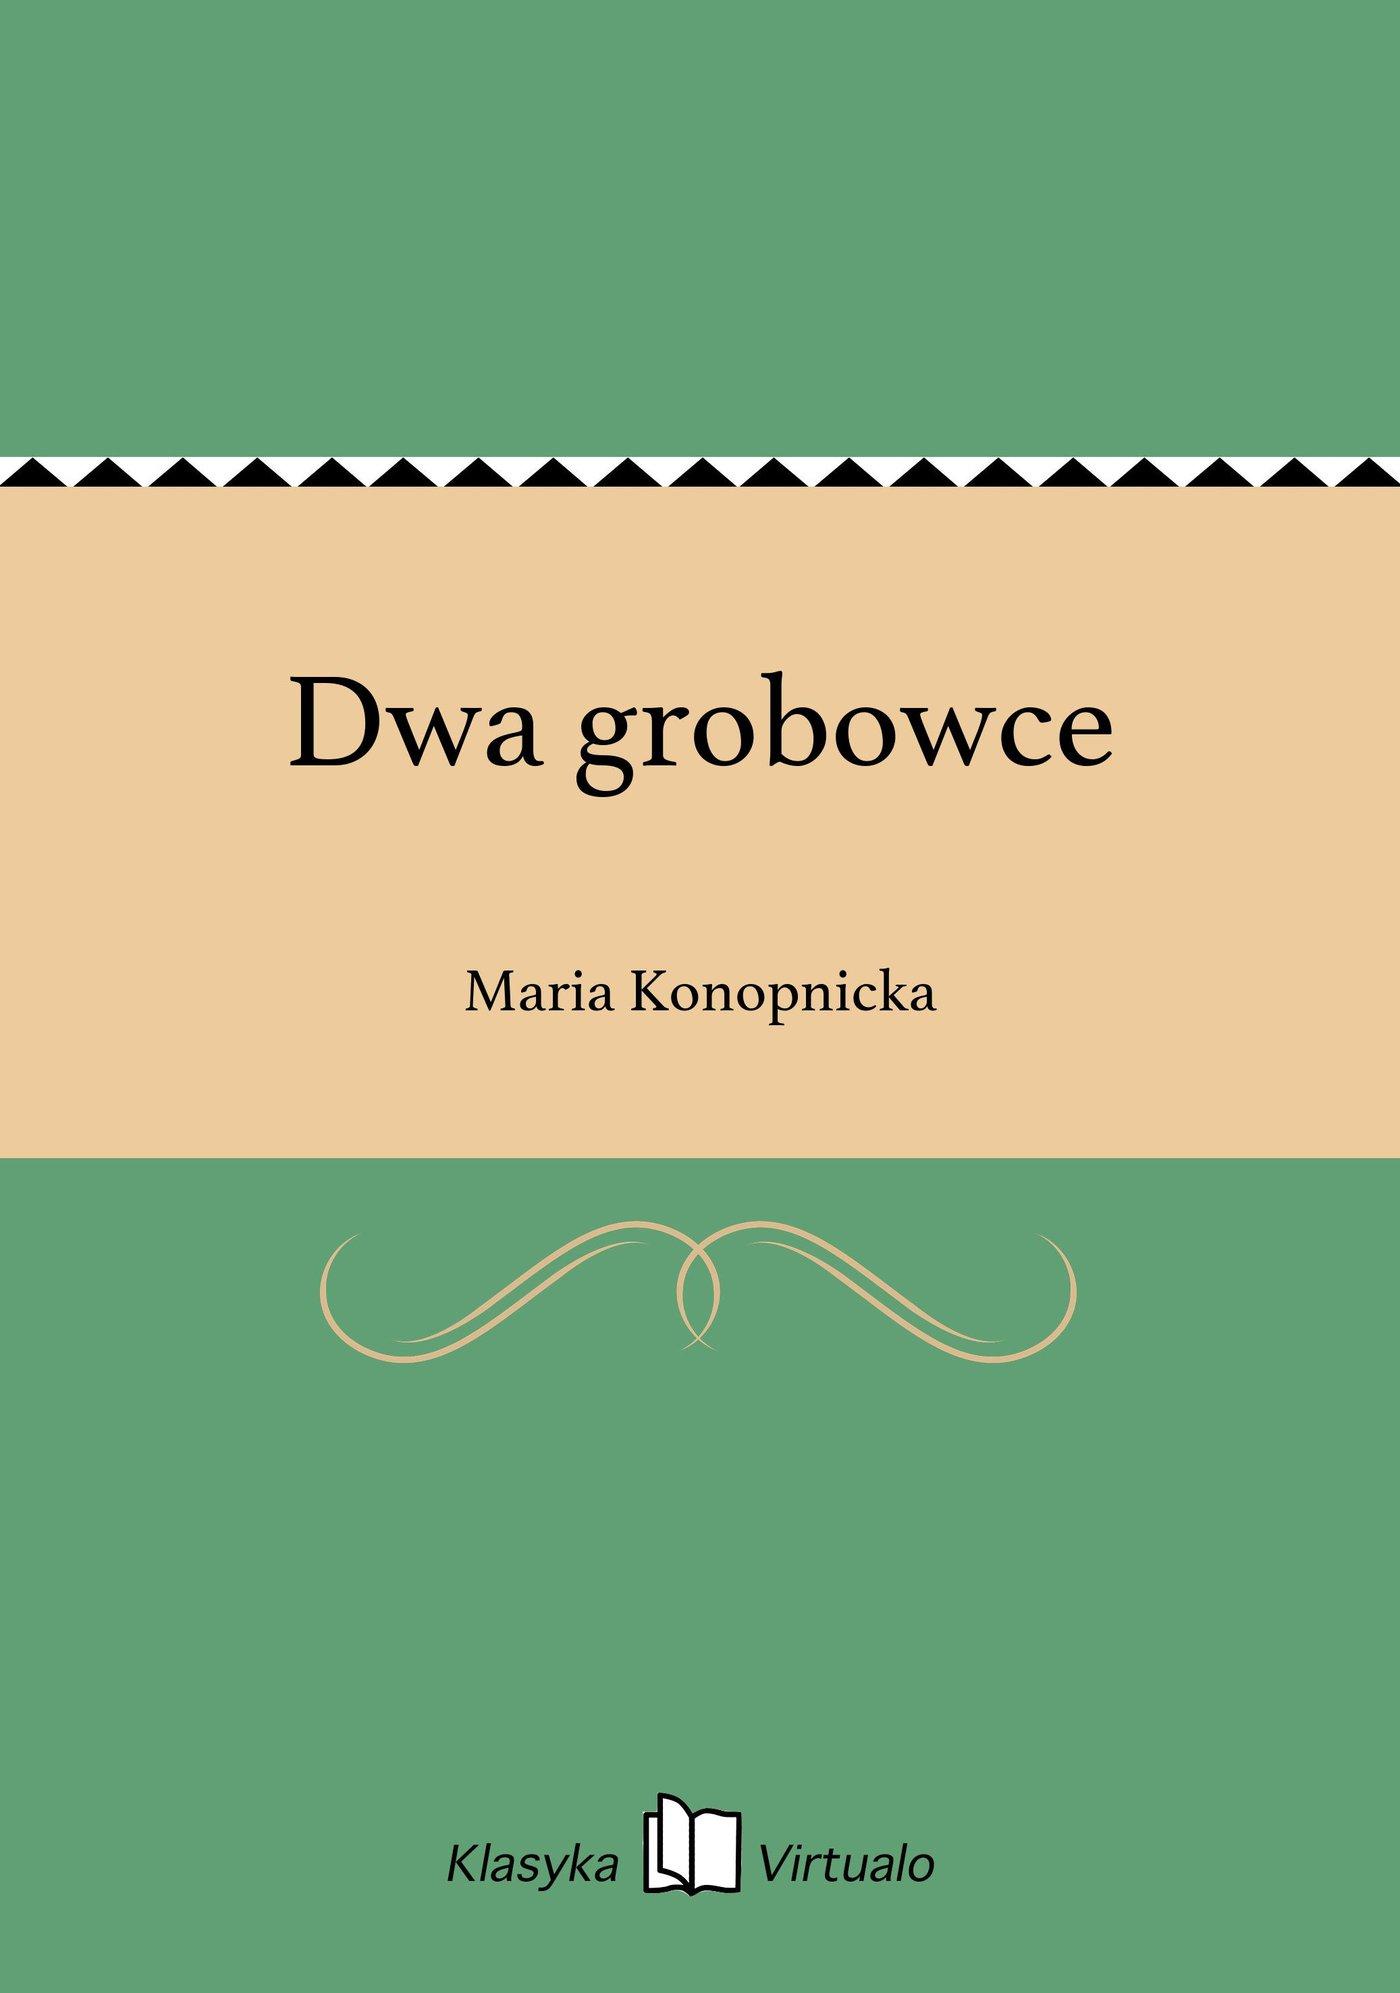 Dwa grobowce - Ebook (Książka na Kindle) do pobrania w formacie MOBI